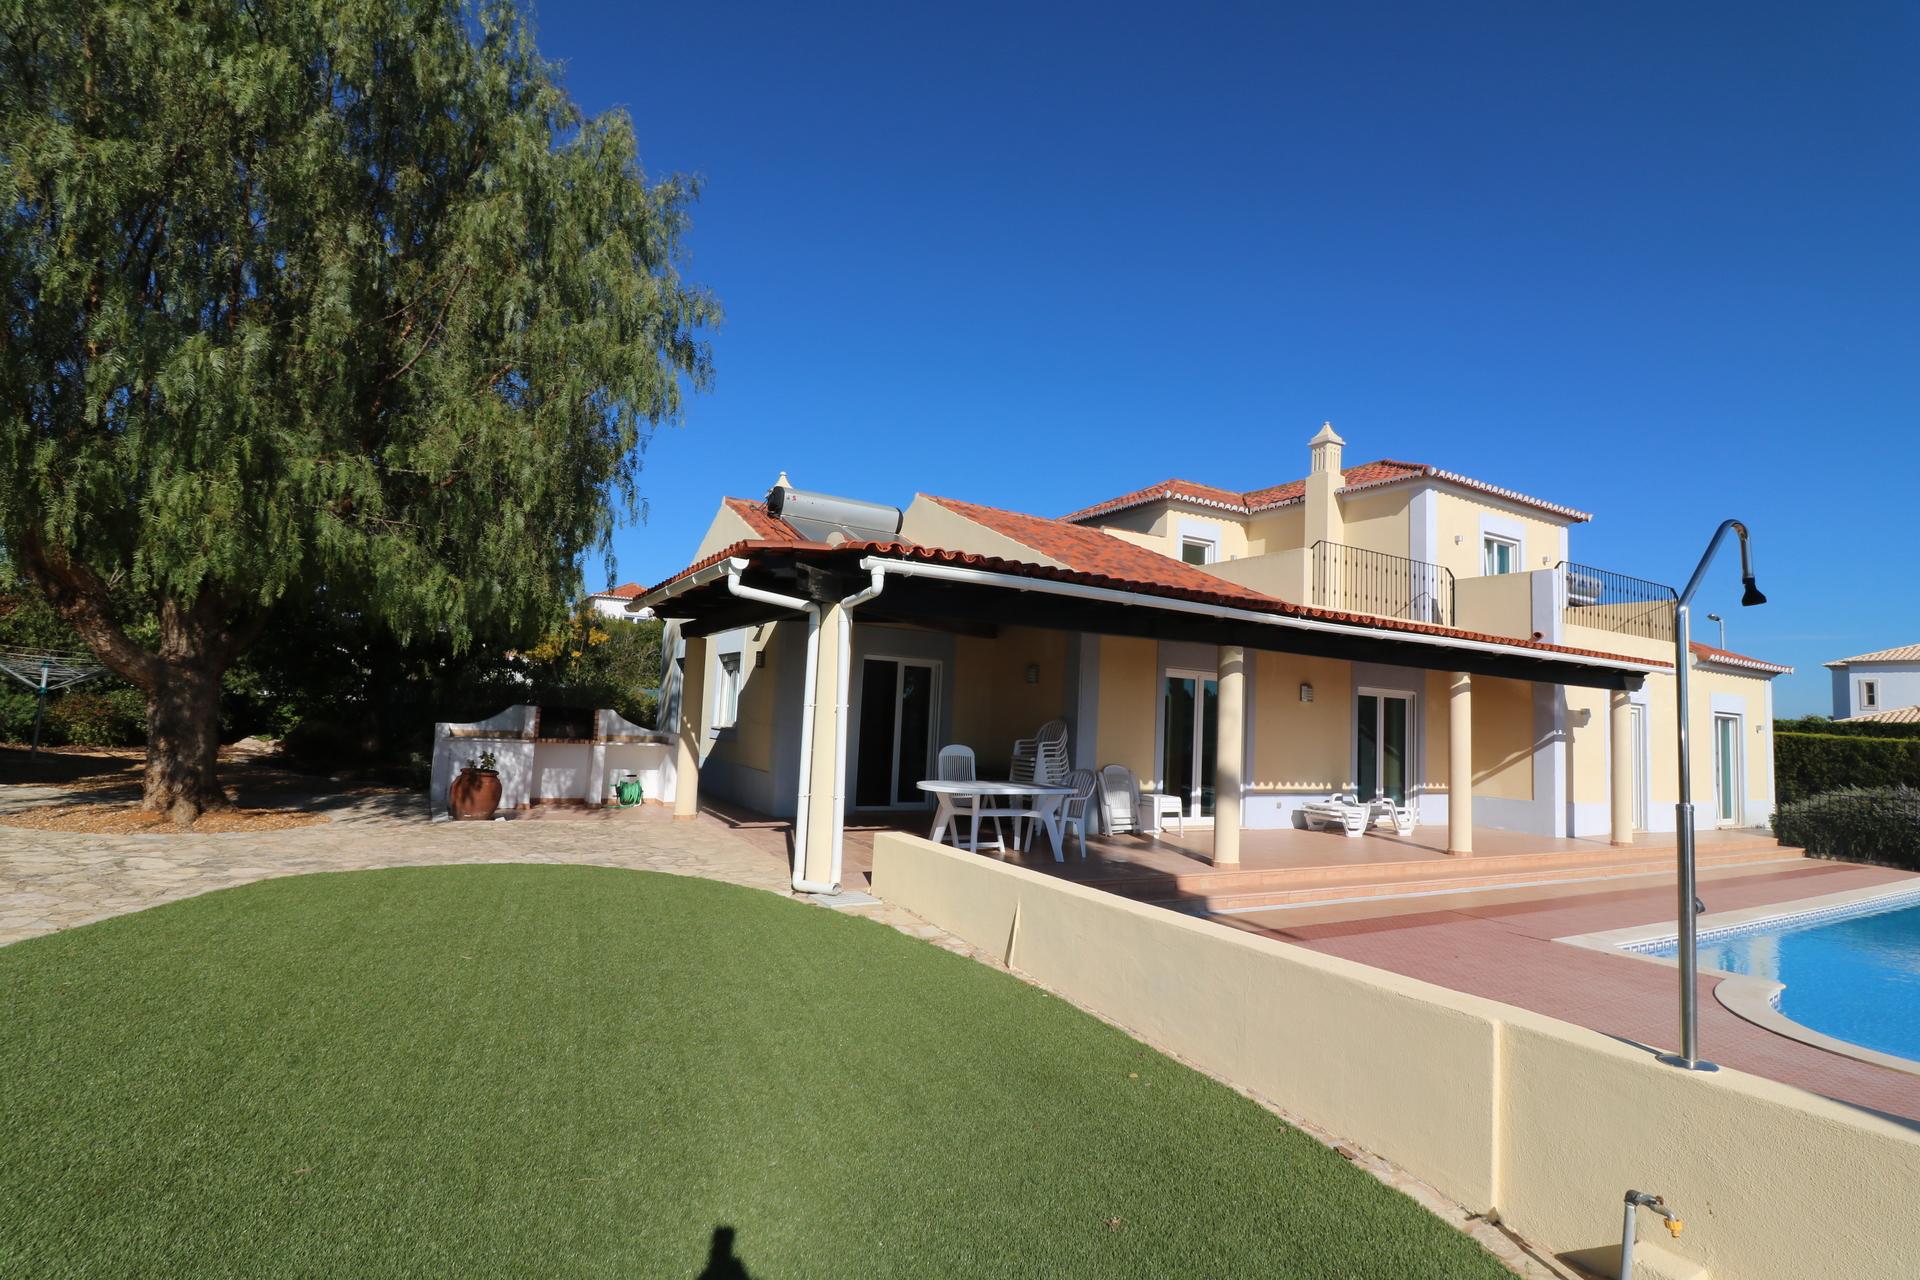 4 Bedroom Villa Olhao, Eastern Algarve Ref: JV10327